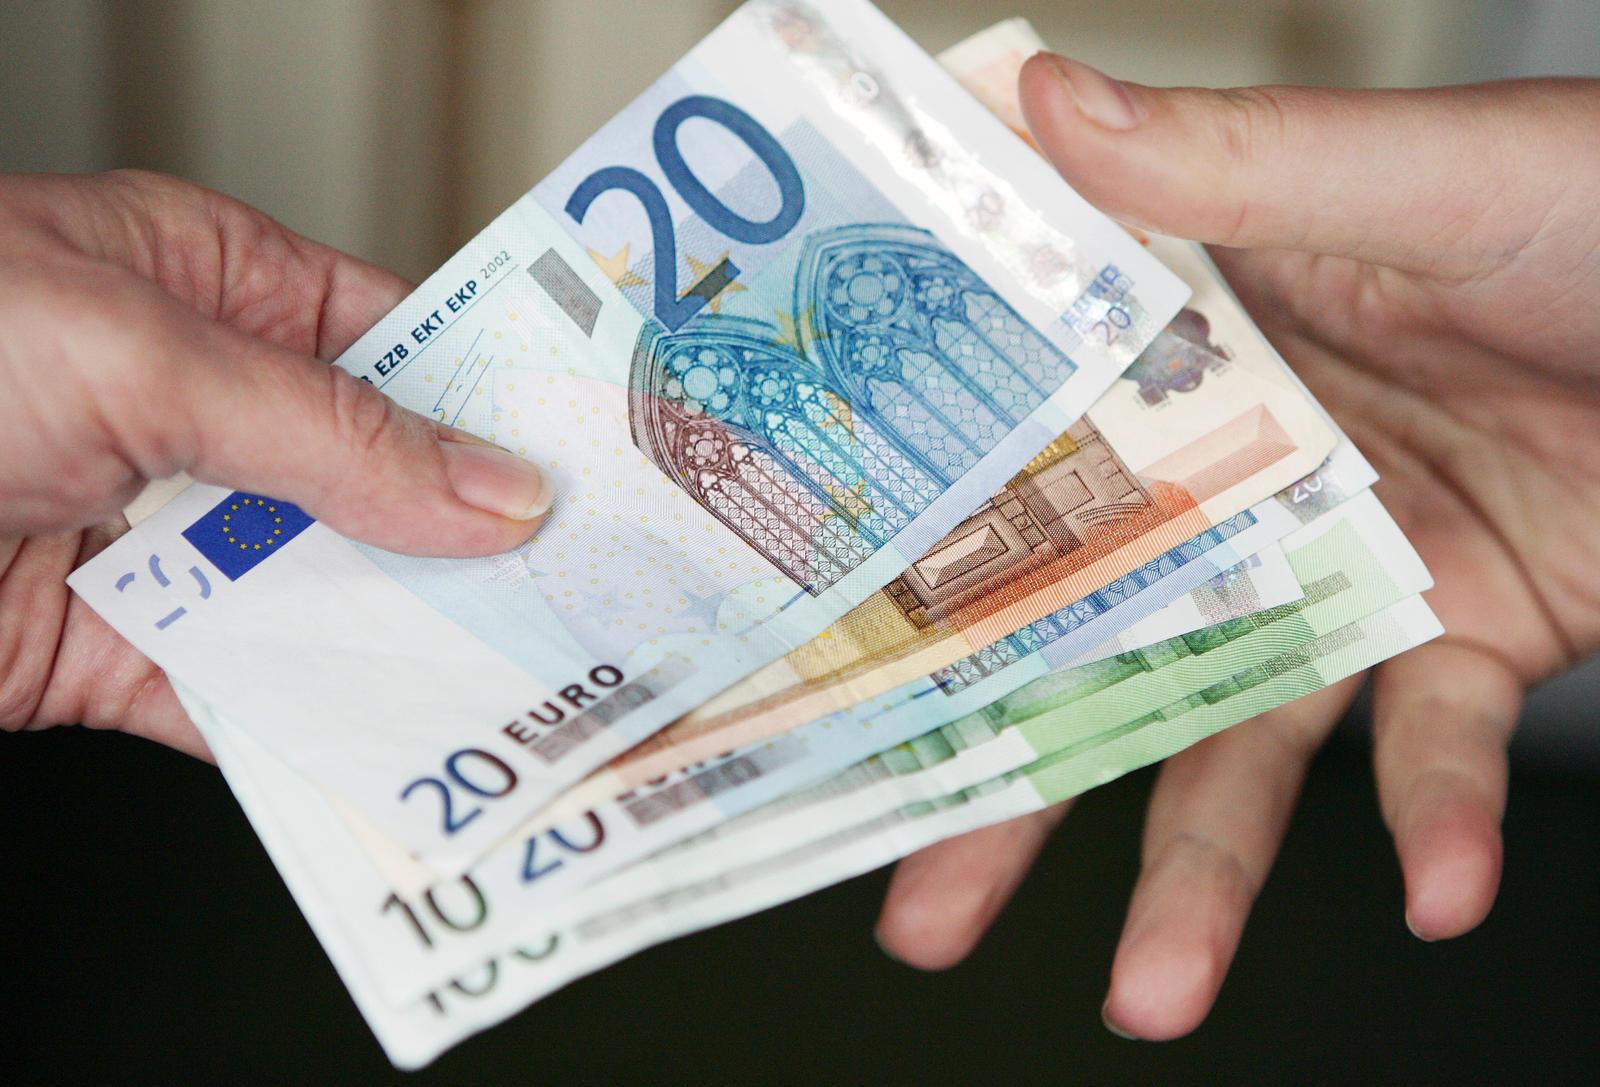 kas uždirba pinigus krizės metu